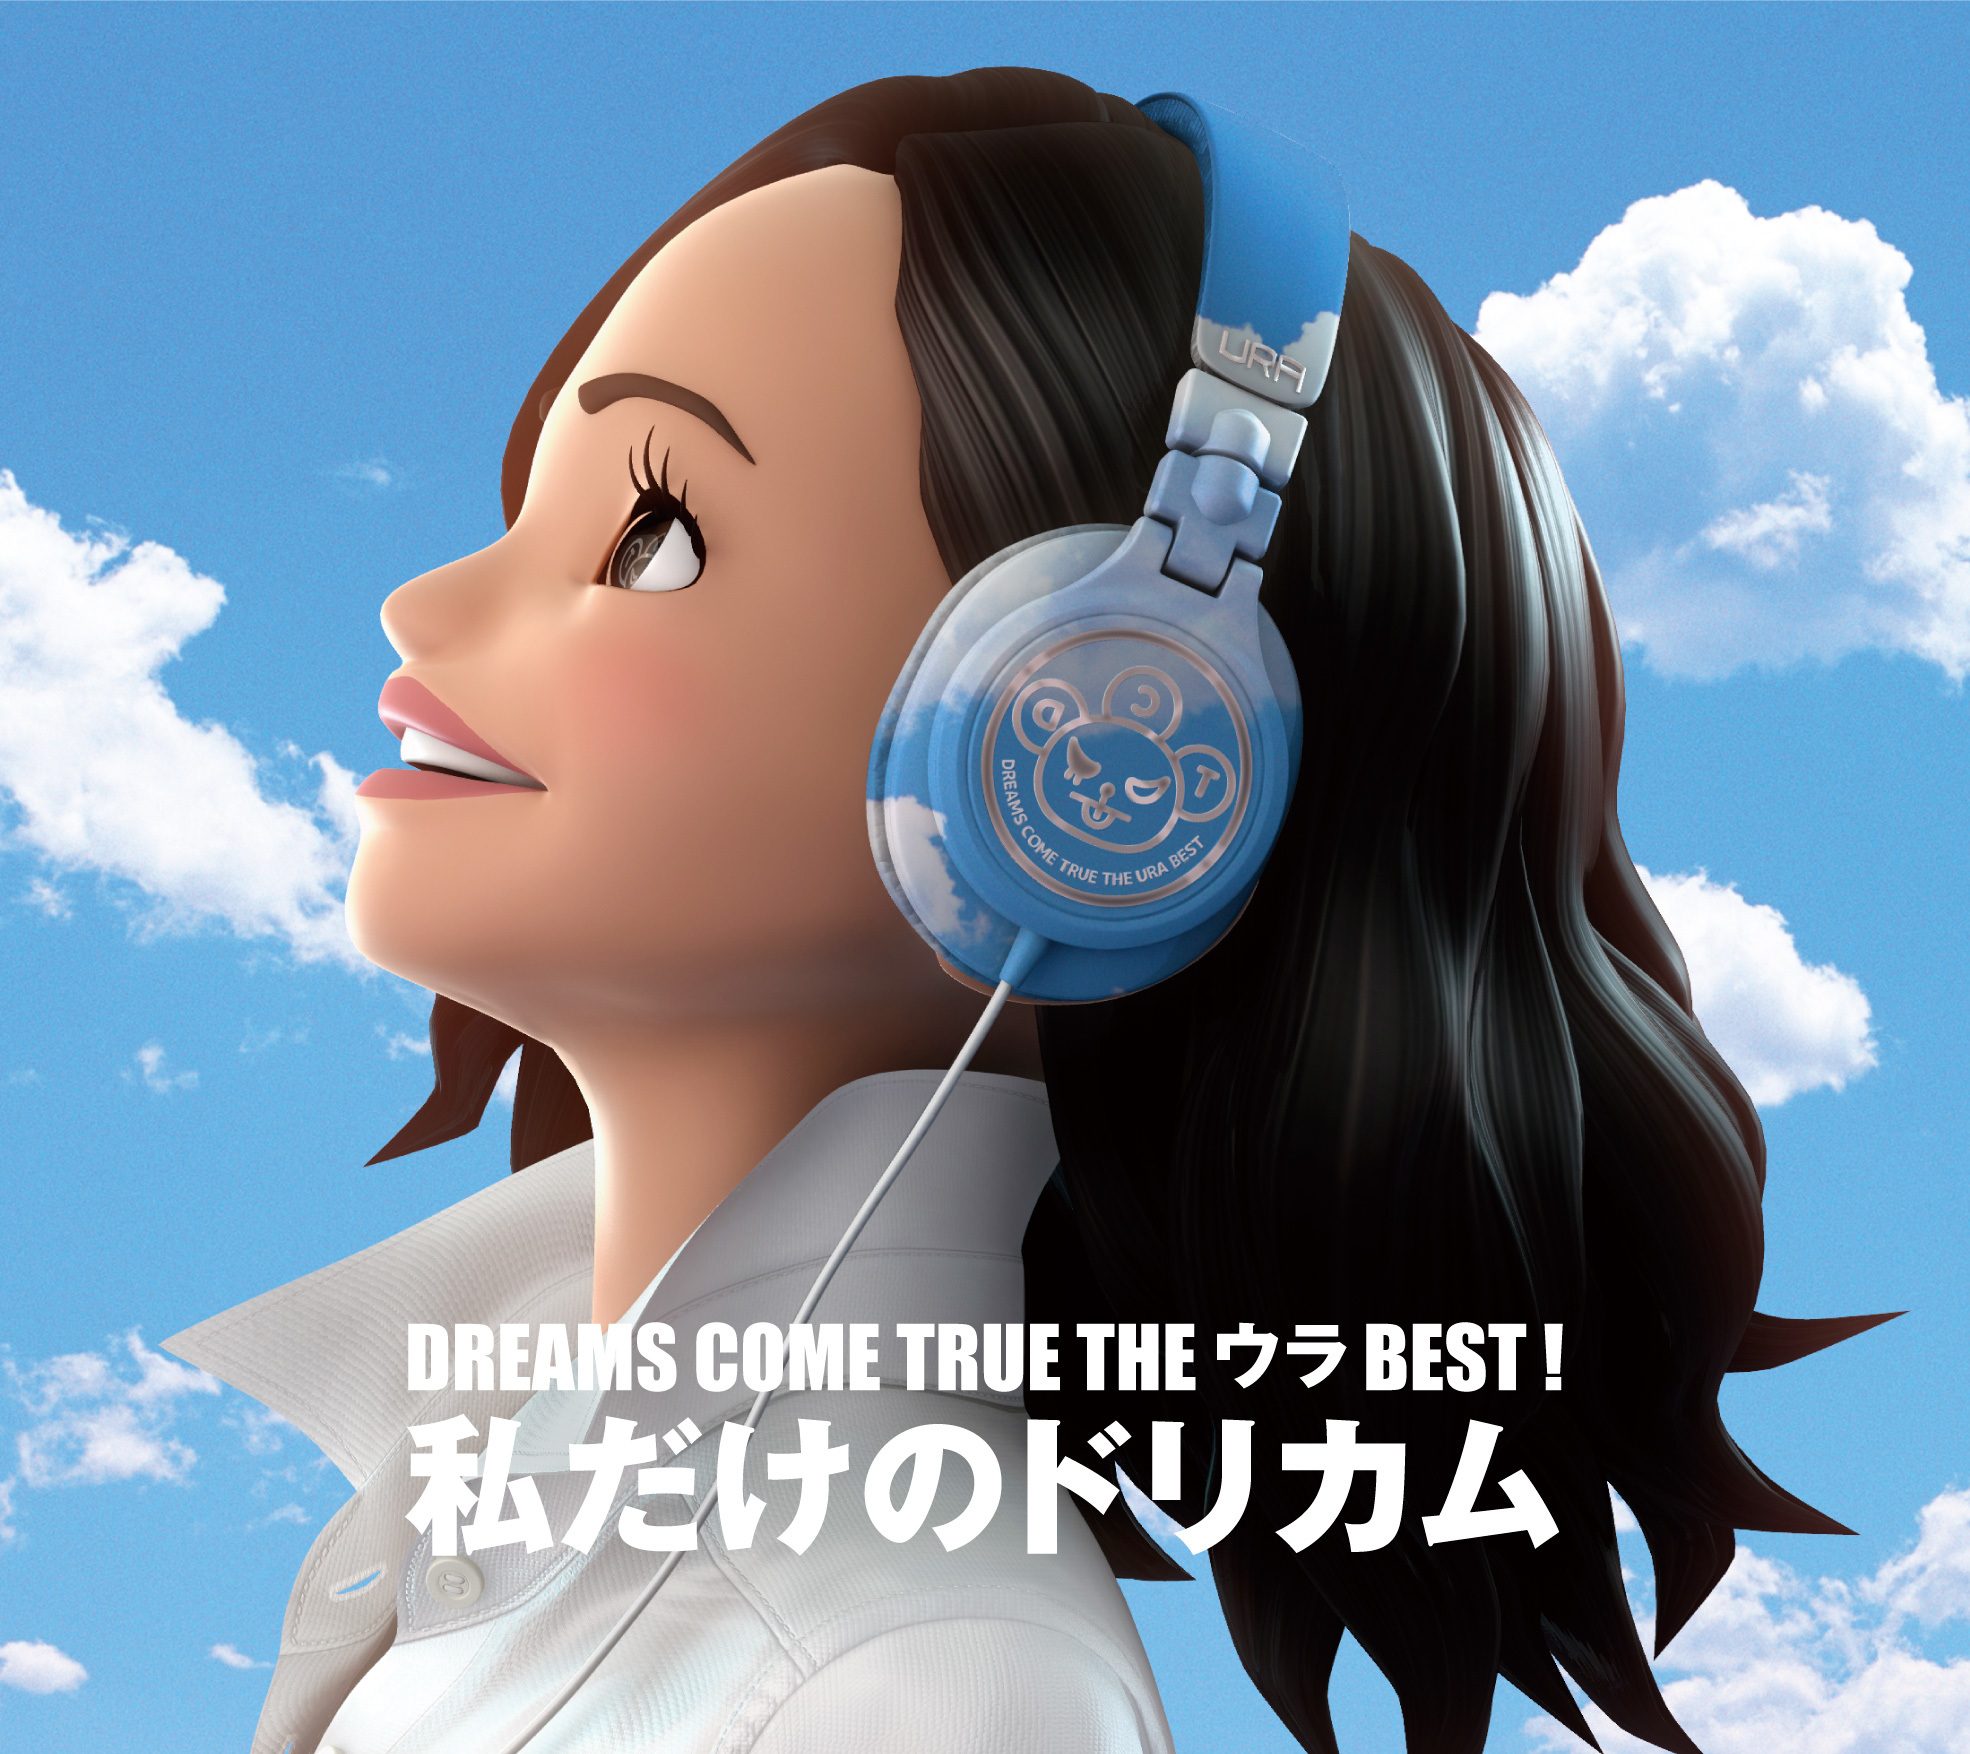 DREAMS COME TRUE『私だけのドリカム』